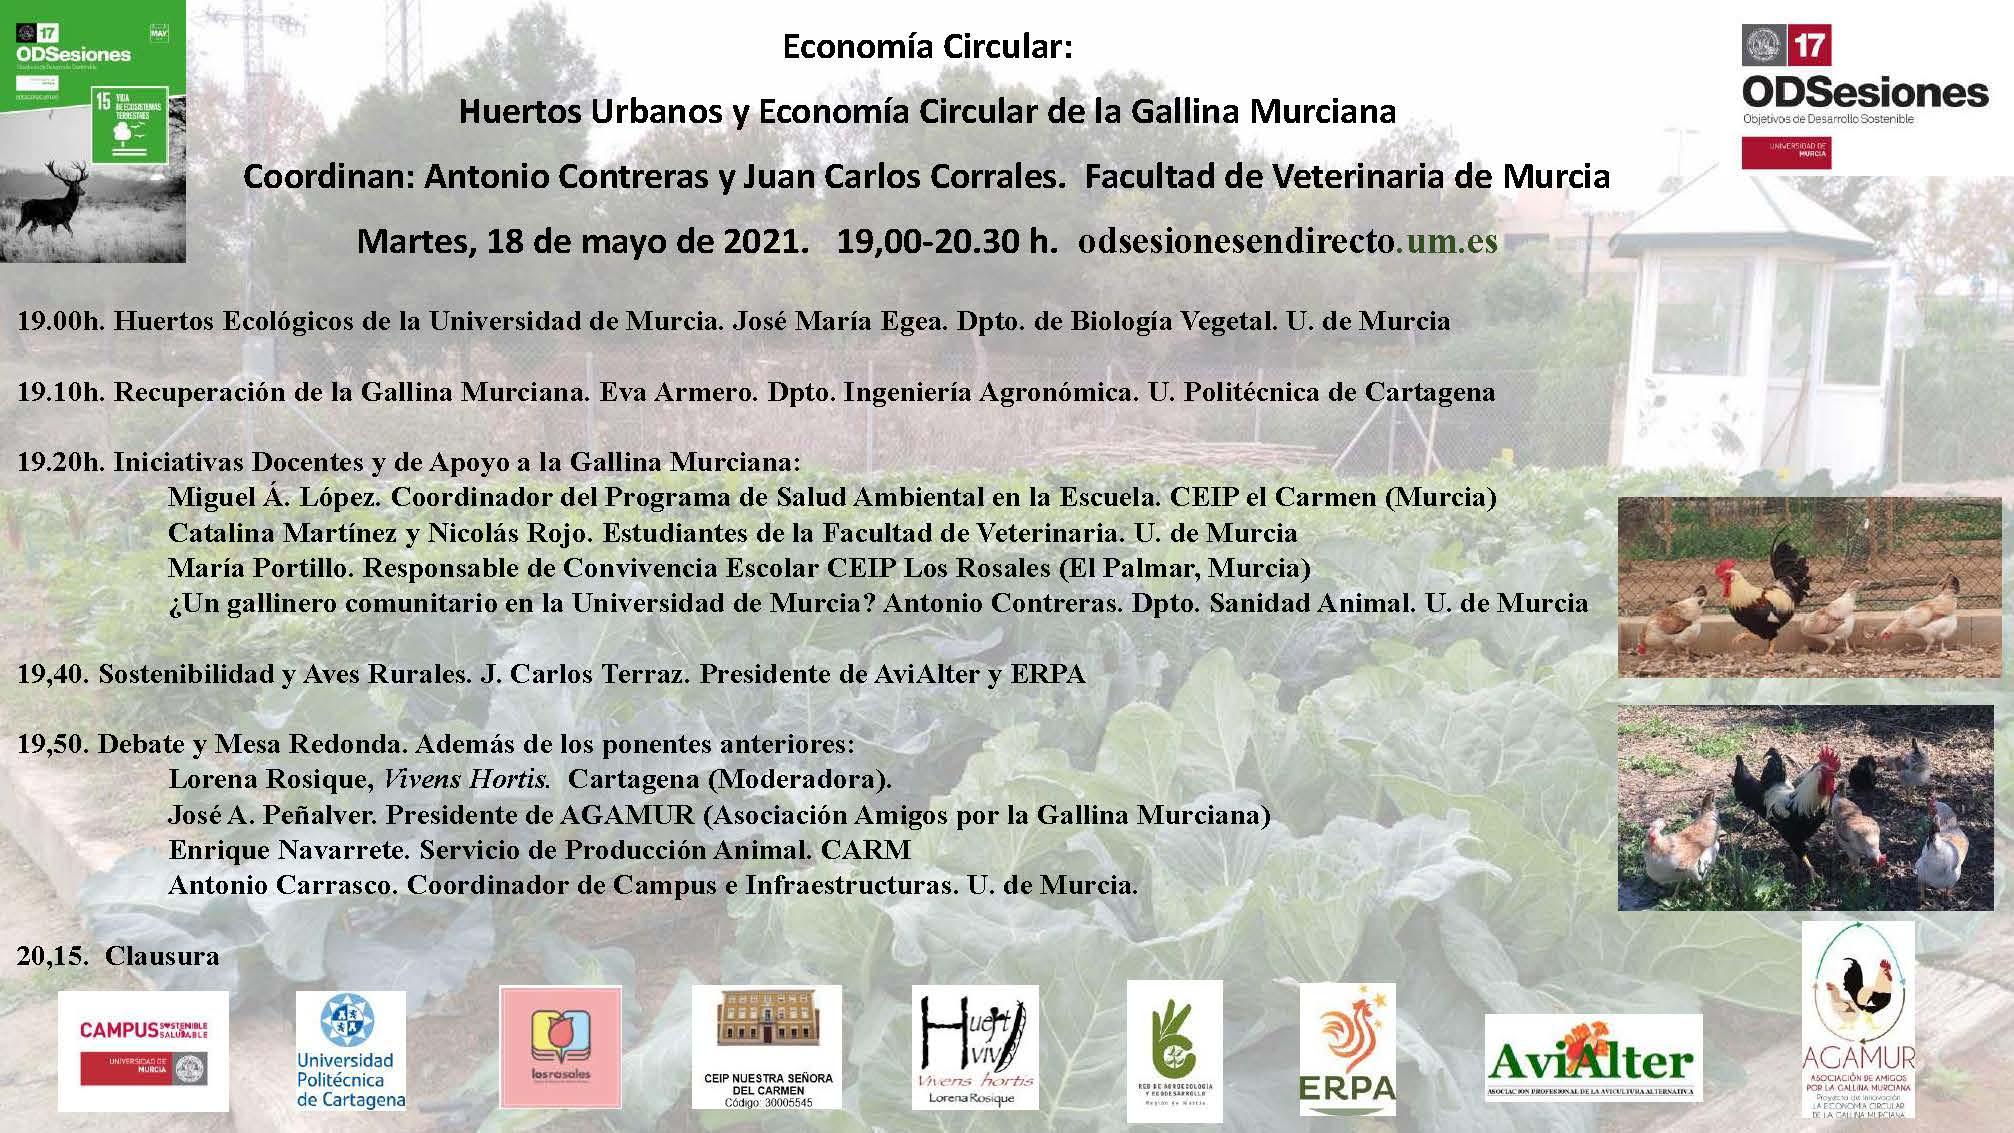 Huertos Urbanos y Economia Circular de la Gallina Murciana